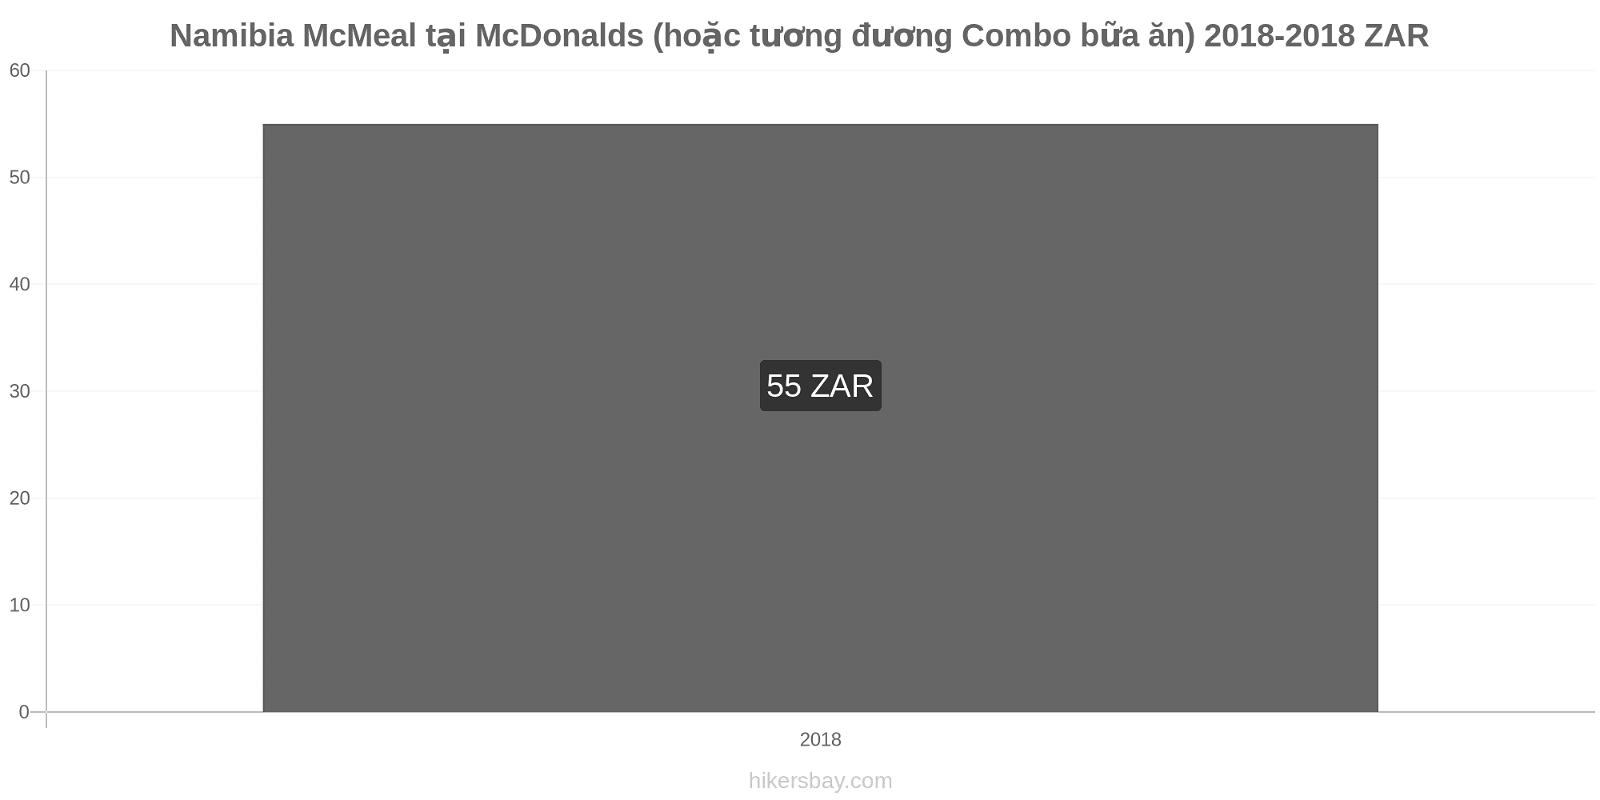 Namibia thay đổi giá McMeal tại McDonalds (hoặc tương đương Combo bữa ăn) hikersbay.com